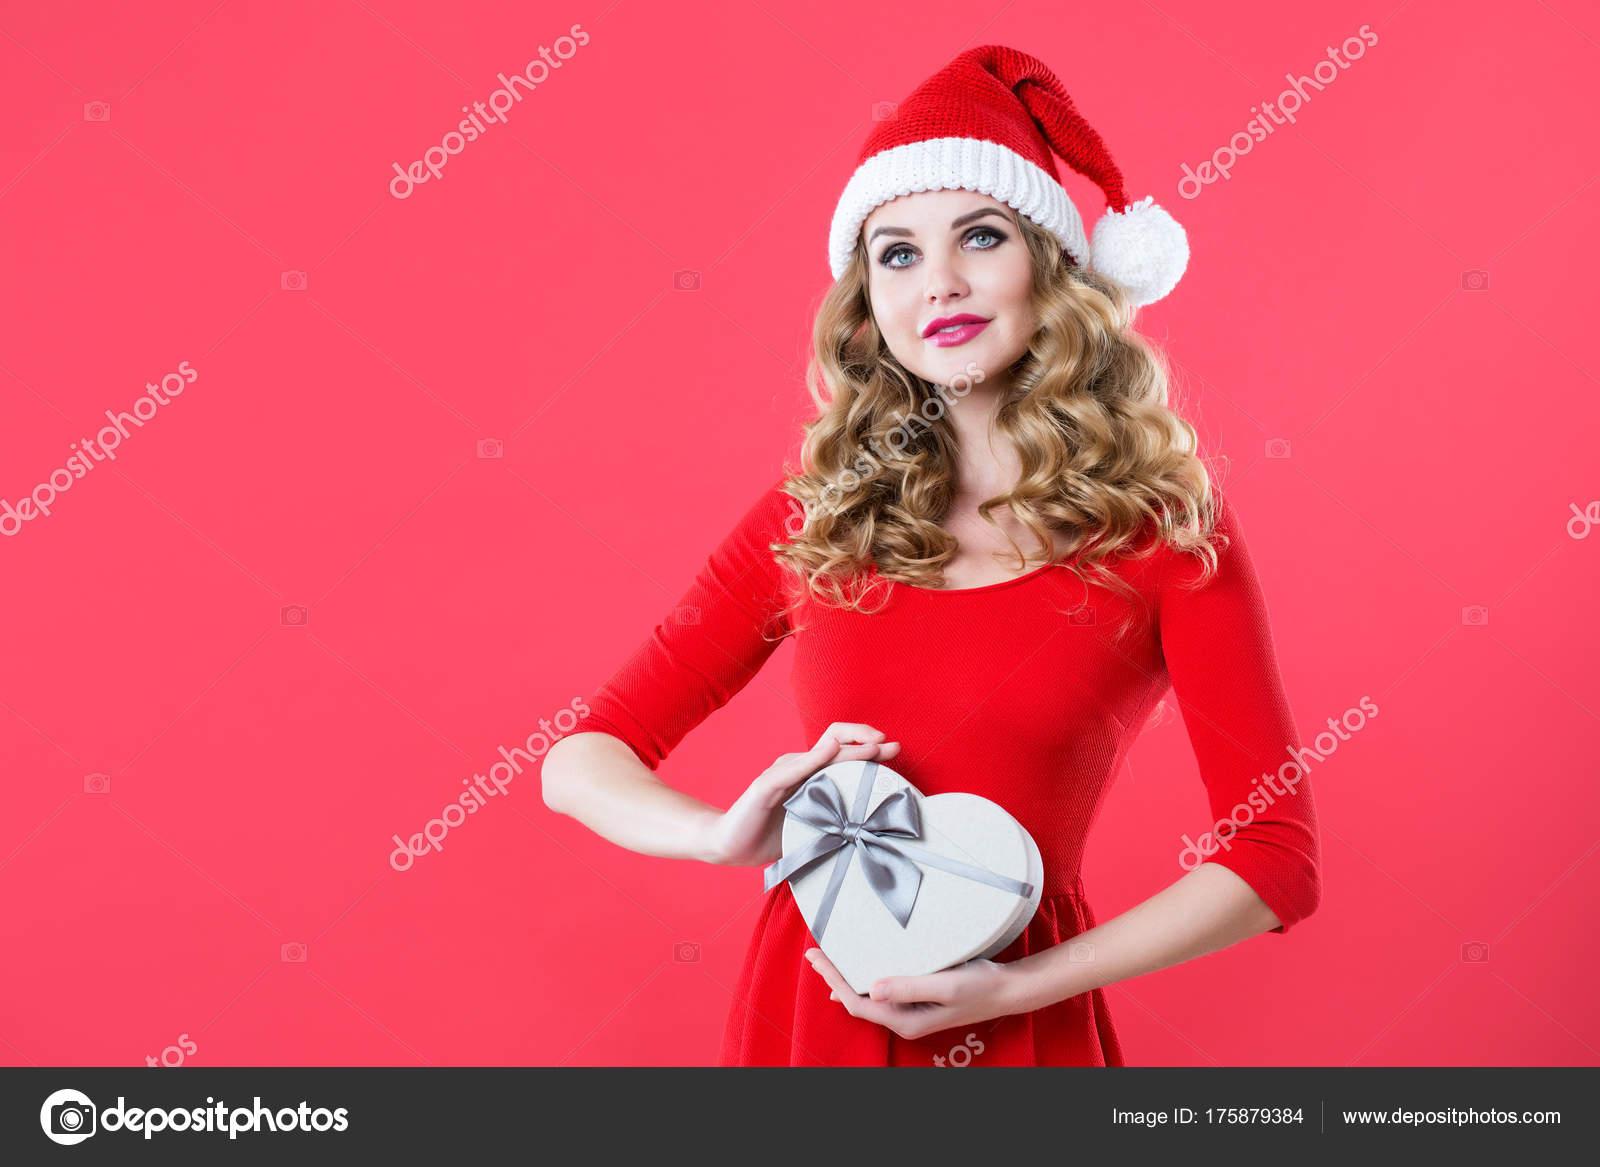 Geschenke Weihnachten Frau.Weihnachten Frau In Nikolausmütze Mit Geschenk Stockfoto